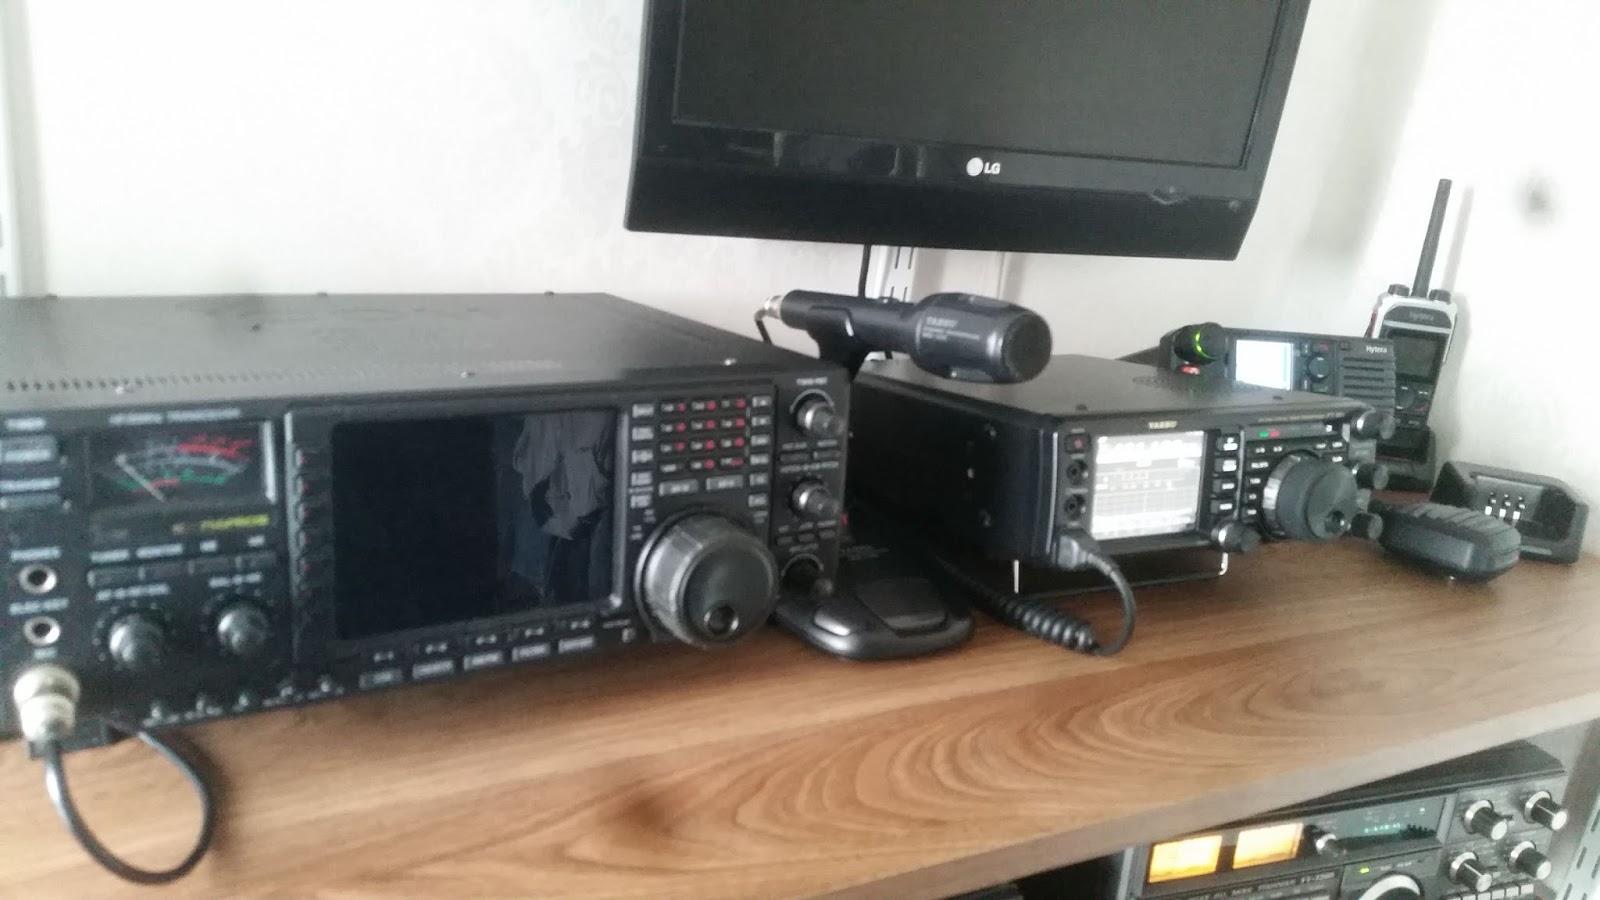 Amateur Radio Station Wb4omm: AMATEUR RADIO STATION 2E0IJK